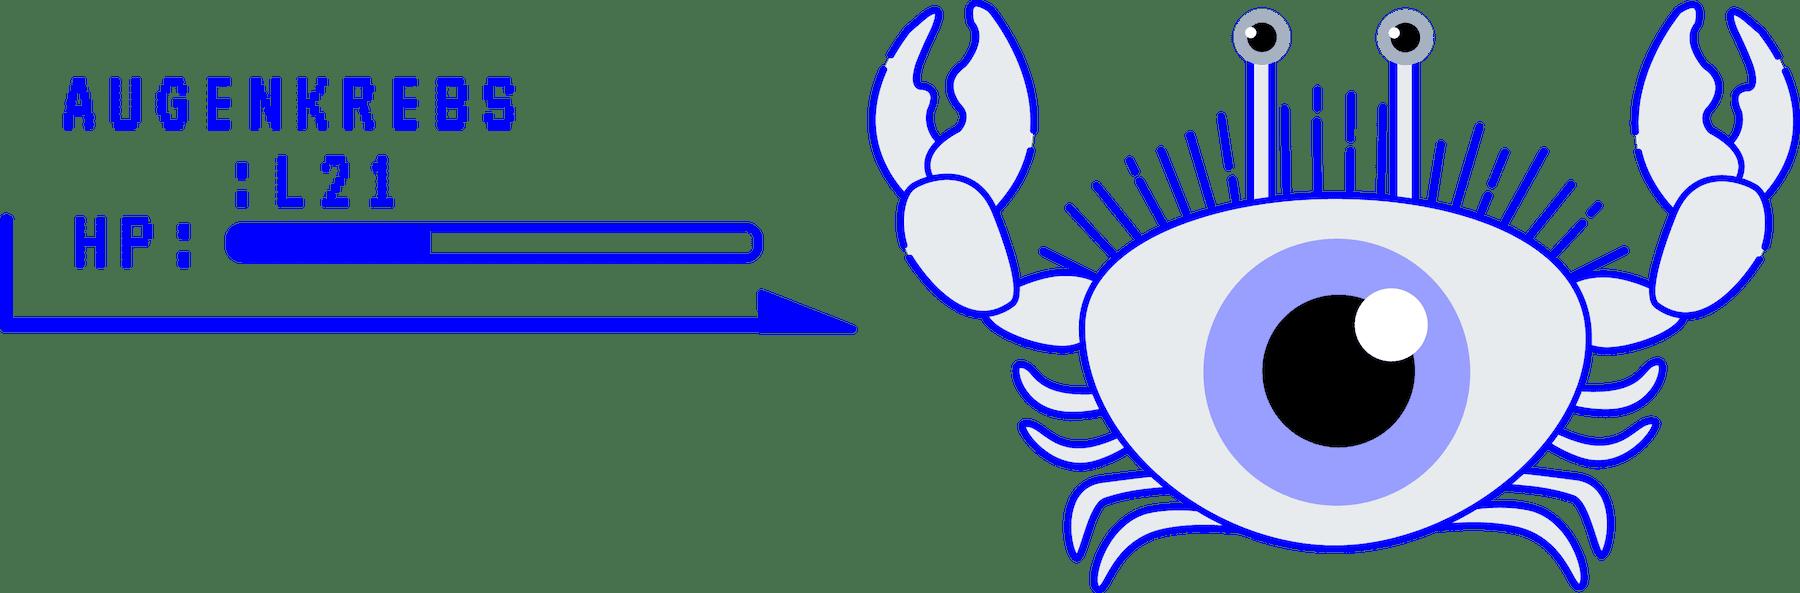 minuteman vs augenkrebs - Computerspiel Kampfszenario - Gegner